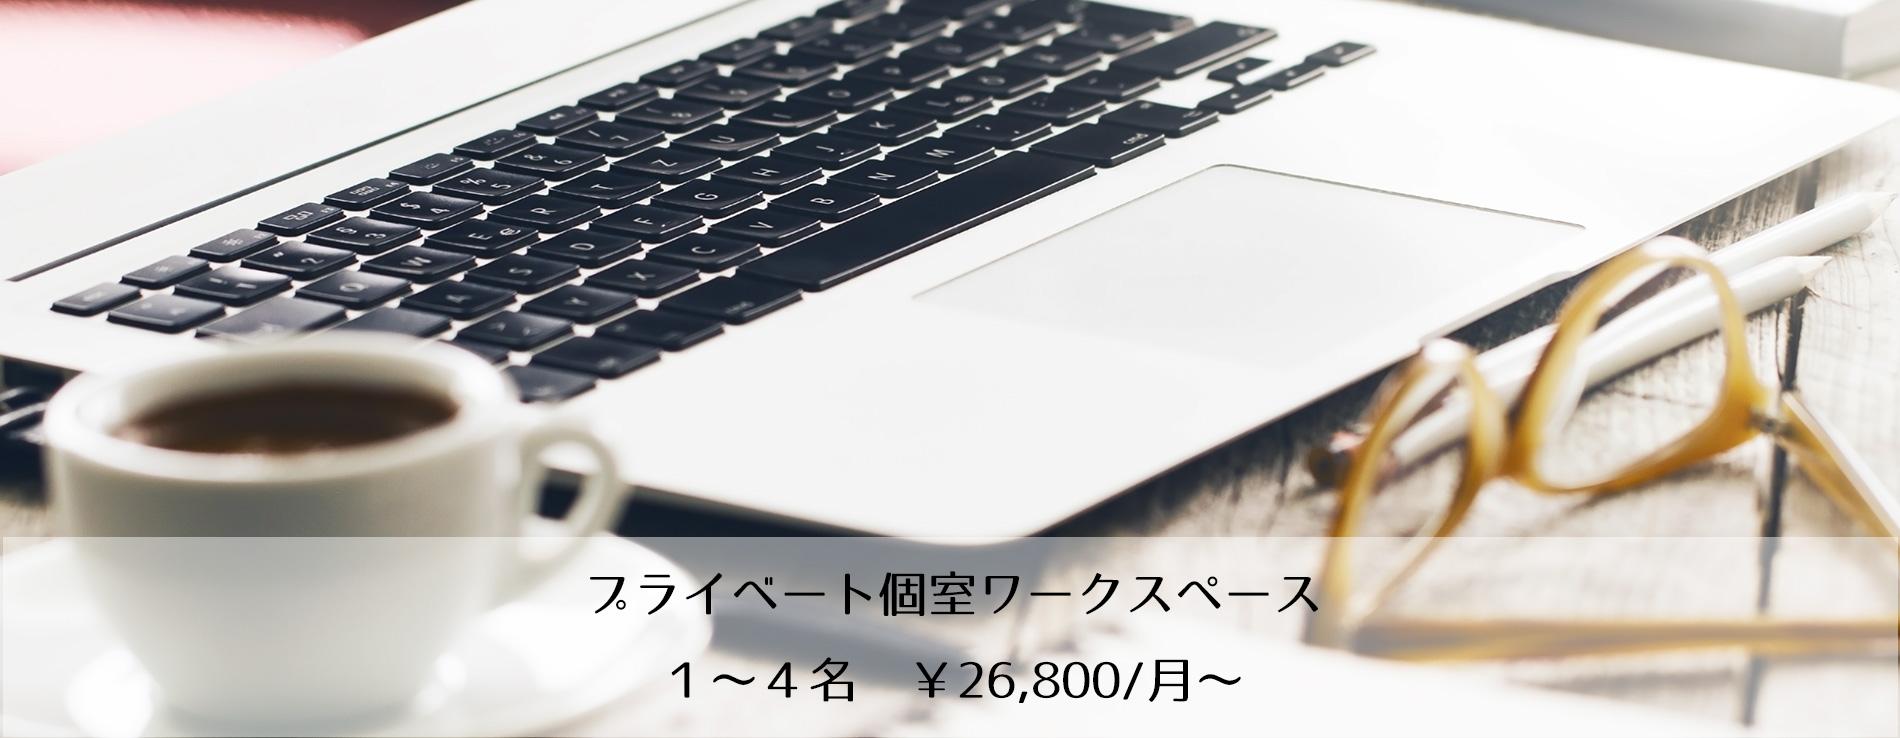 プライベート個室ワークスペース1~4名 ¥26,800/月~